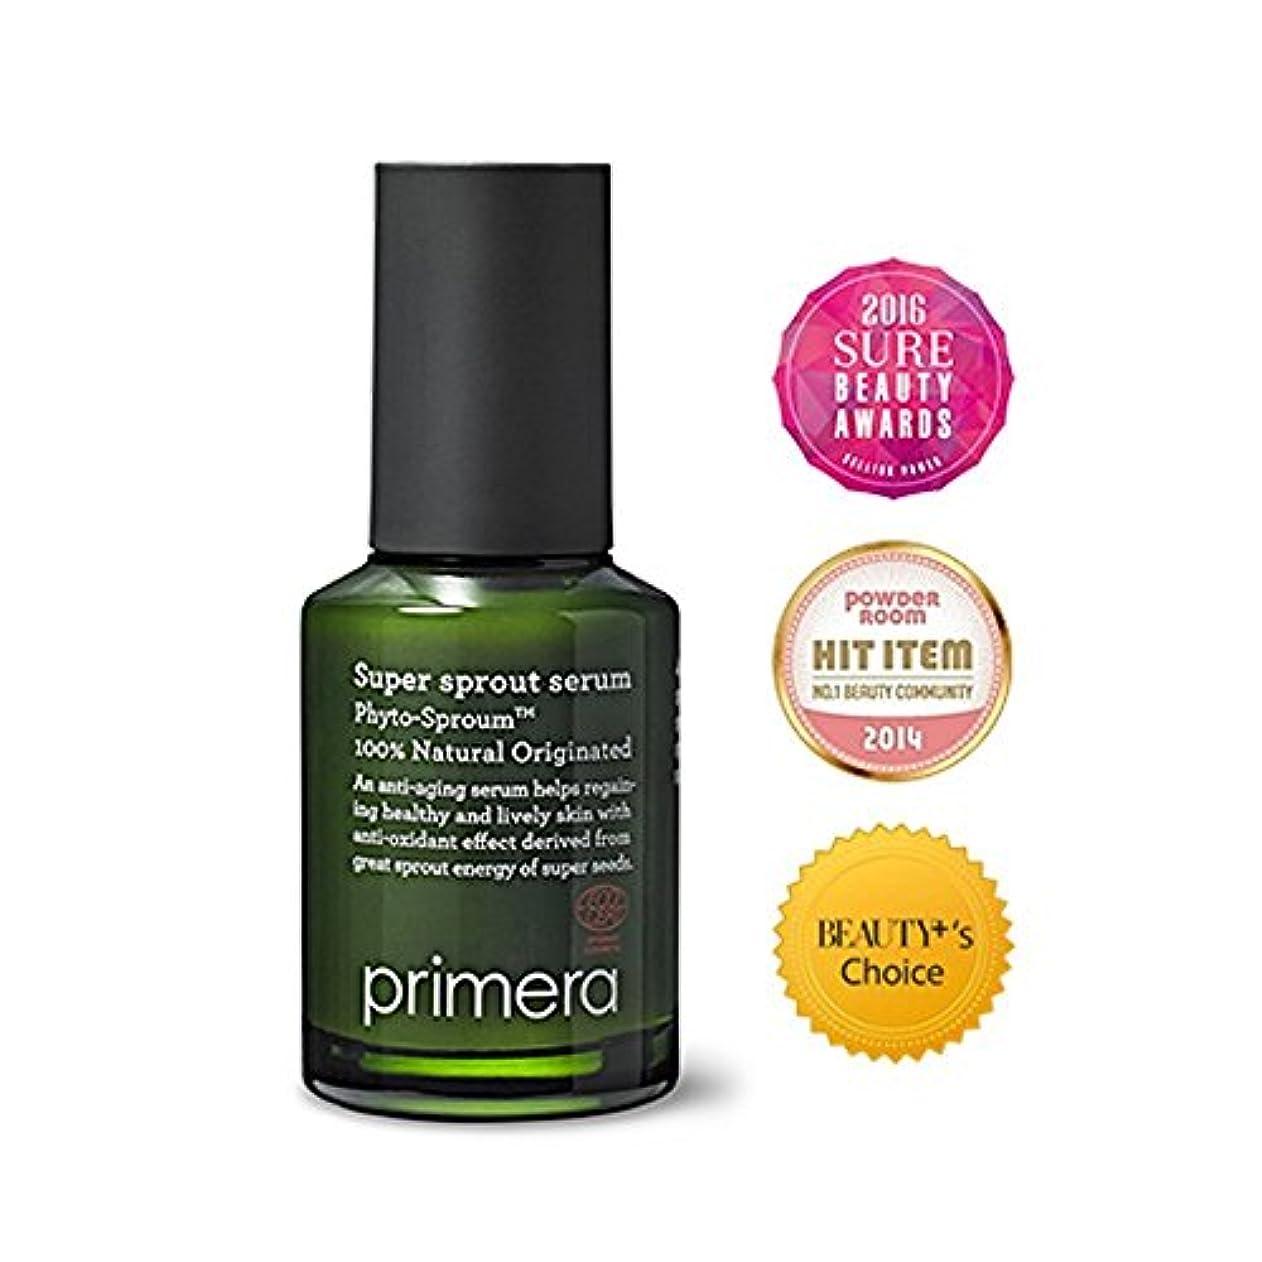 活気づける高くジャンピングジャックPrimera(プリメラ) スーパースプラウトセラム(50ml) /Primera Super Sprout serum(50ml)[海外直送品] [並行輸入品]